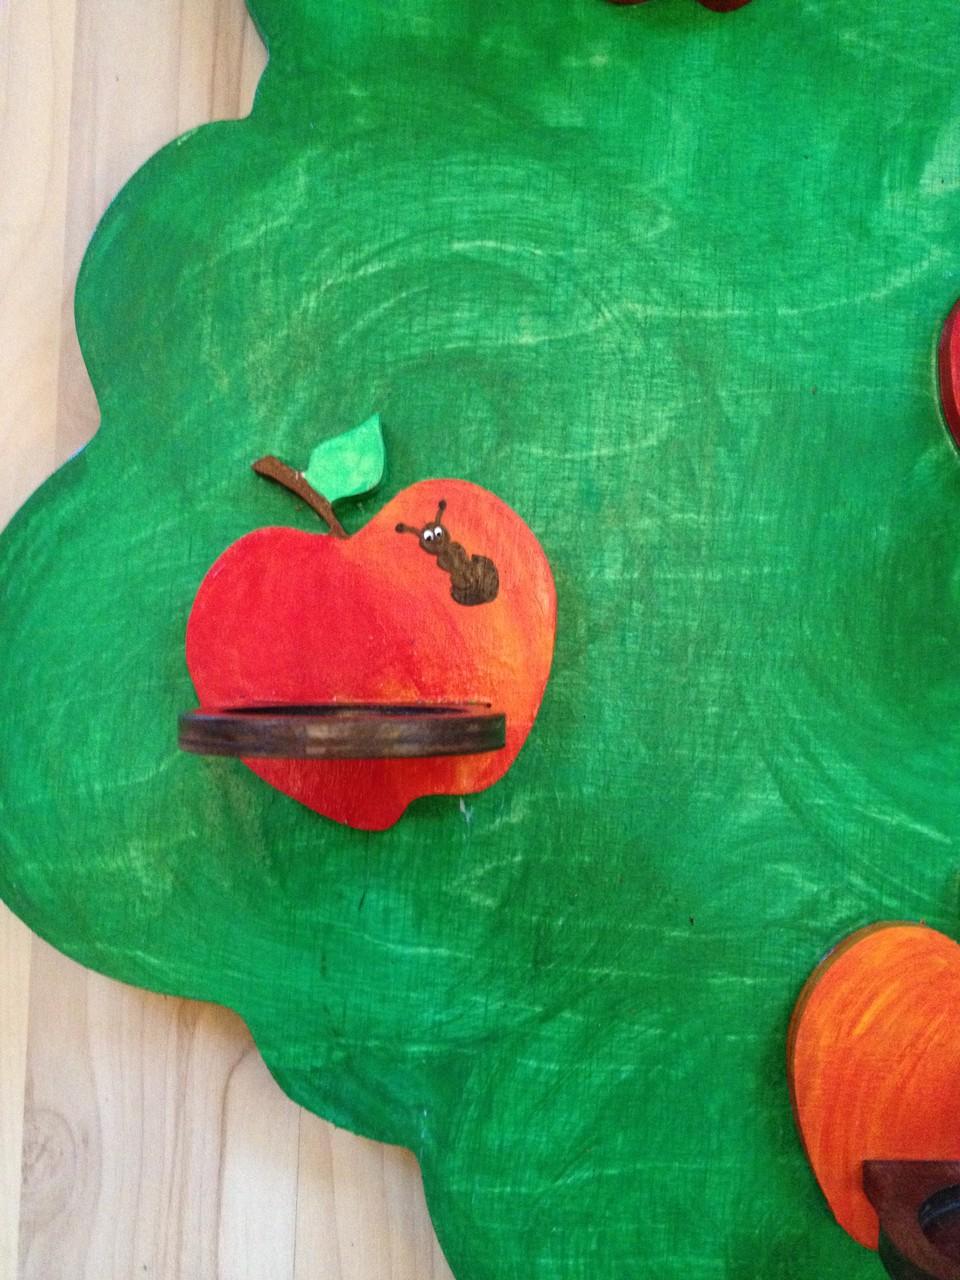 mit verschiedenen Apfelformen verziert